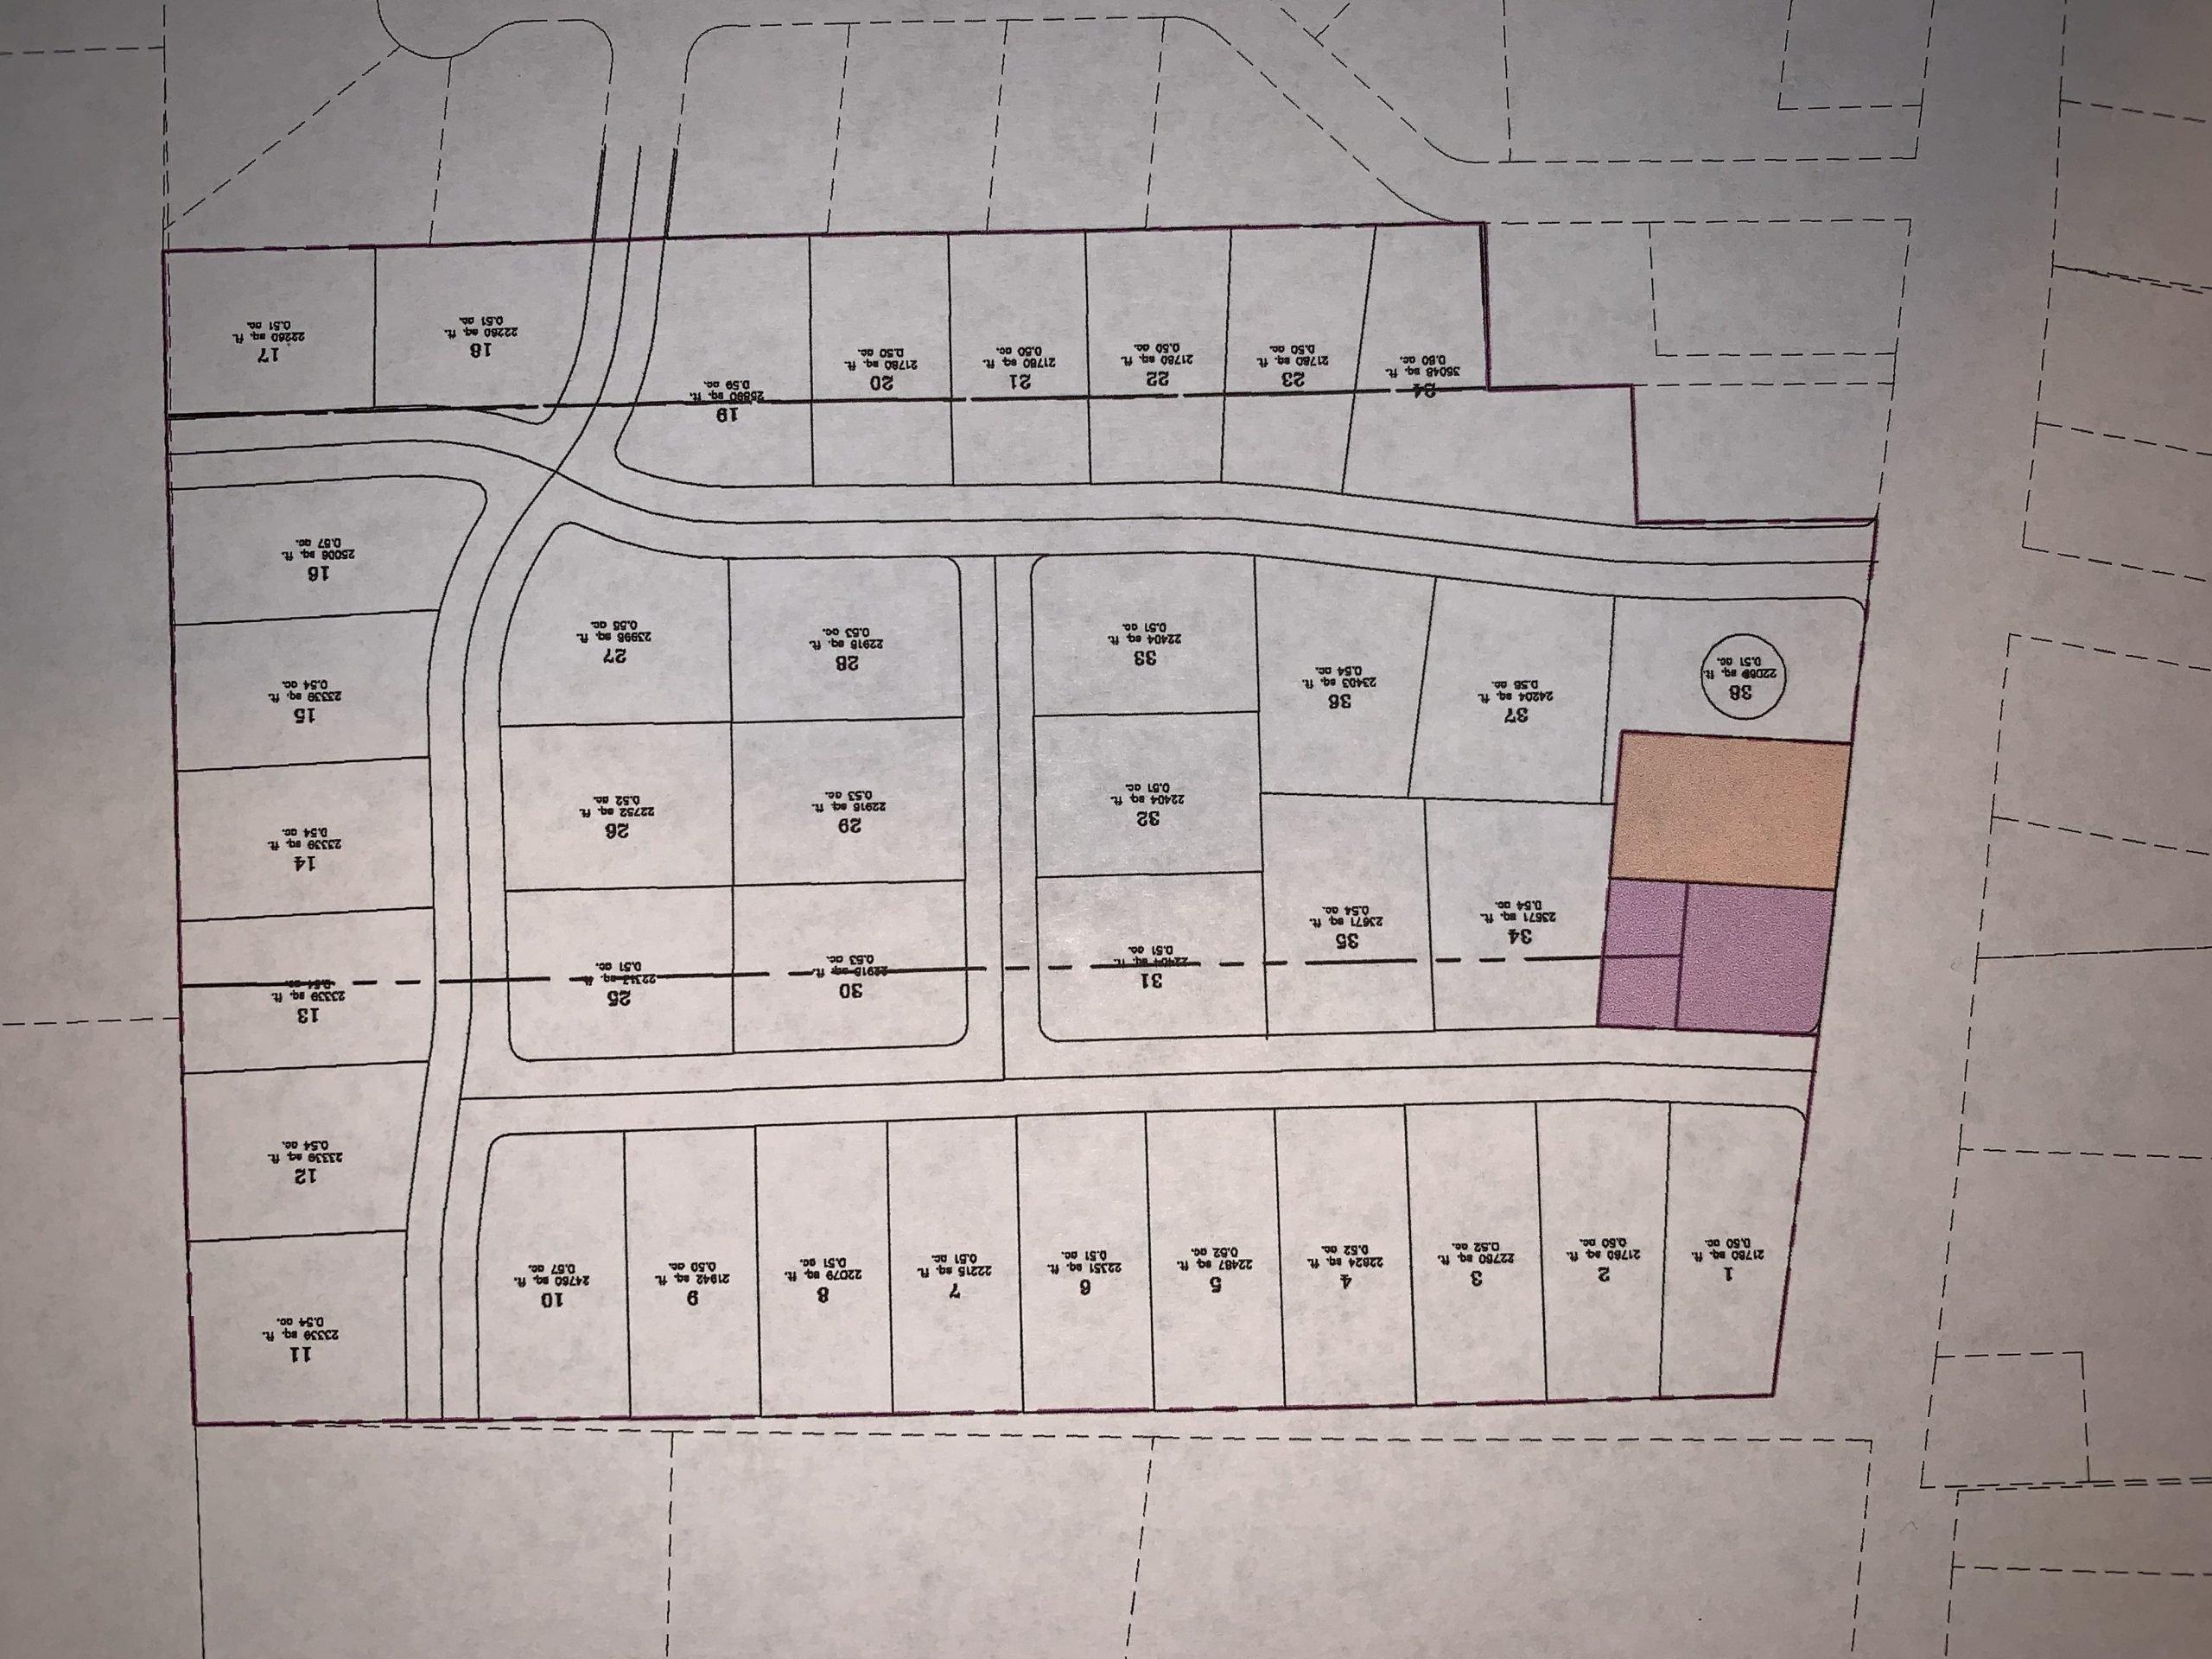 Potential 38 Lot Subdivision in Mona